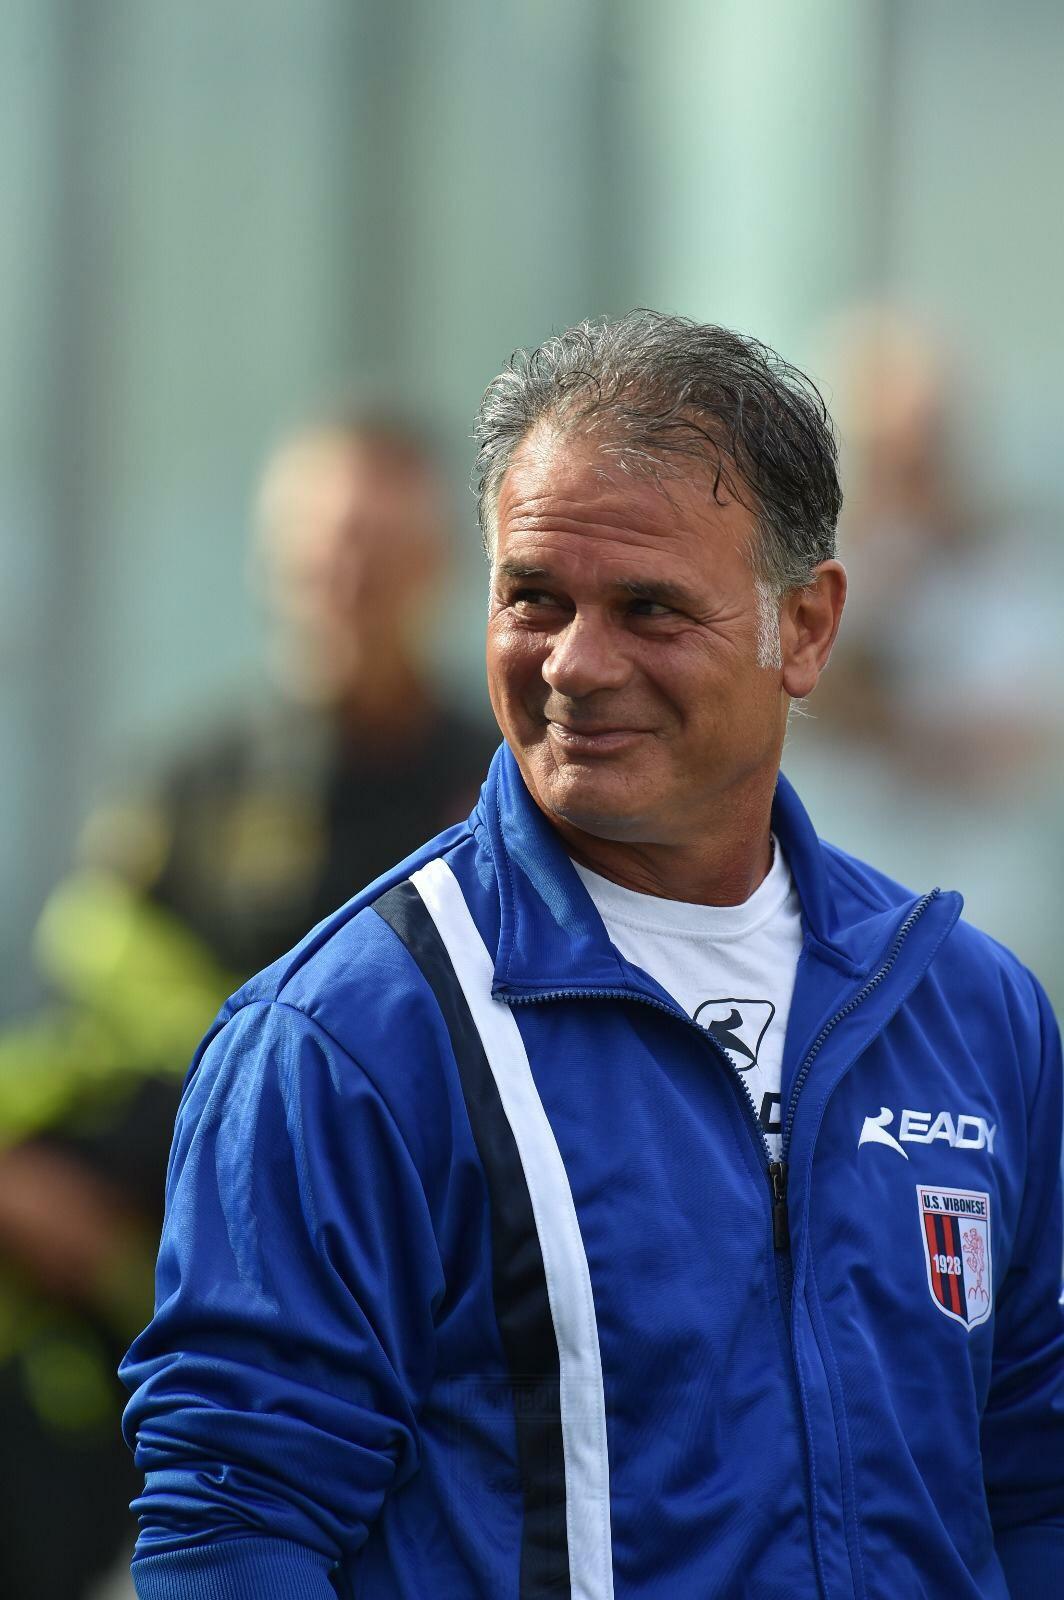 Verso VITERBESE - VIBONESE   Le sensazioni di mister Modica alla vigilia del match immagine 13207 US Vibonese Calcio